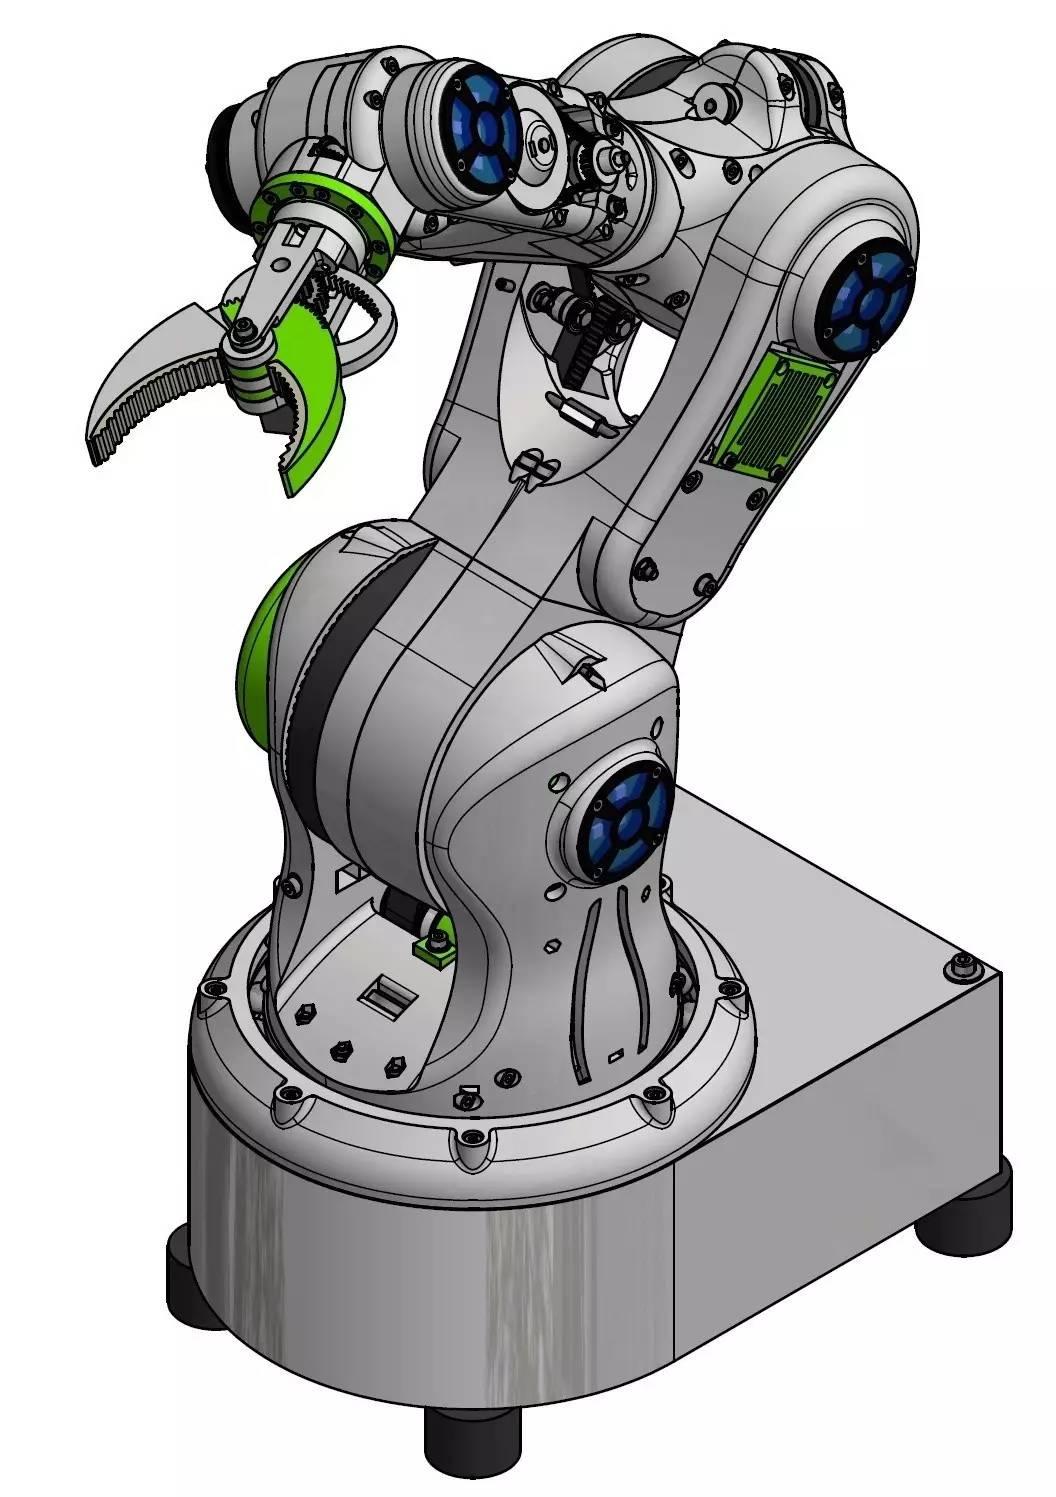 机器设备 1056_1497 竖版 竖屏